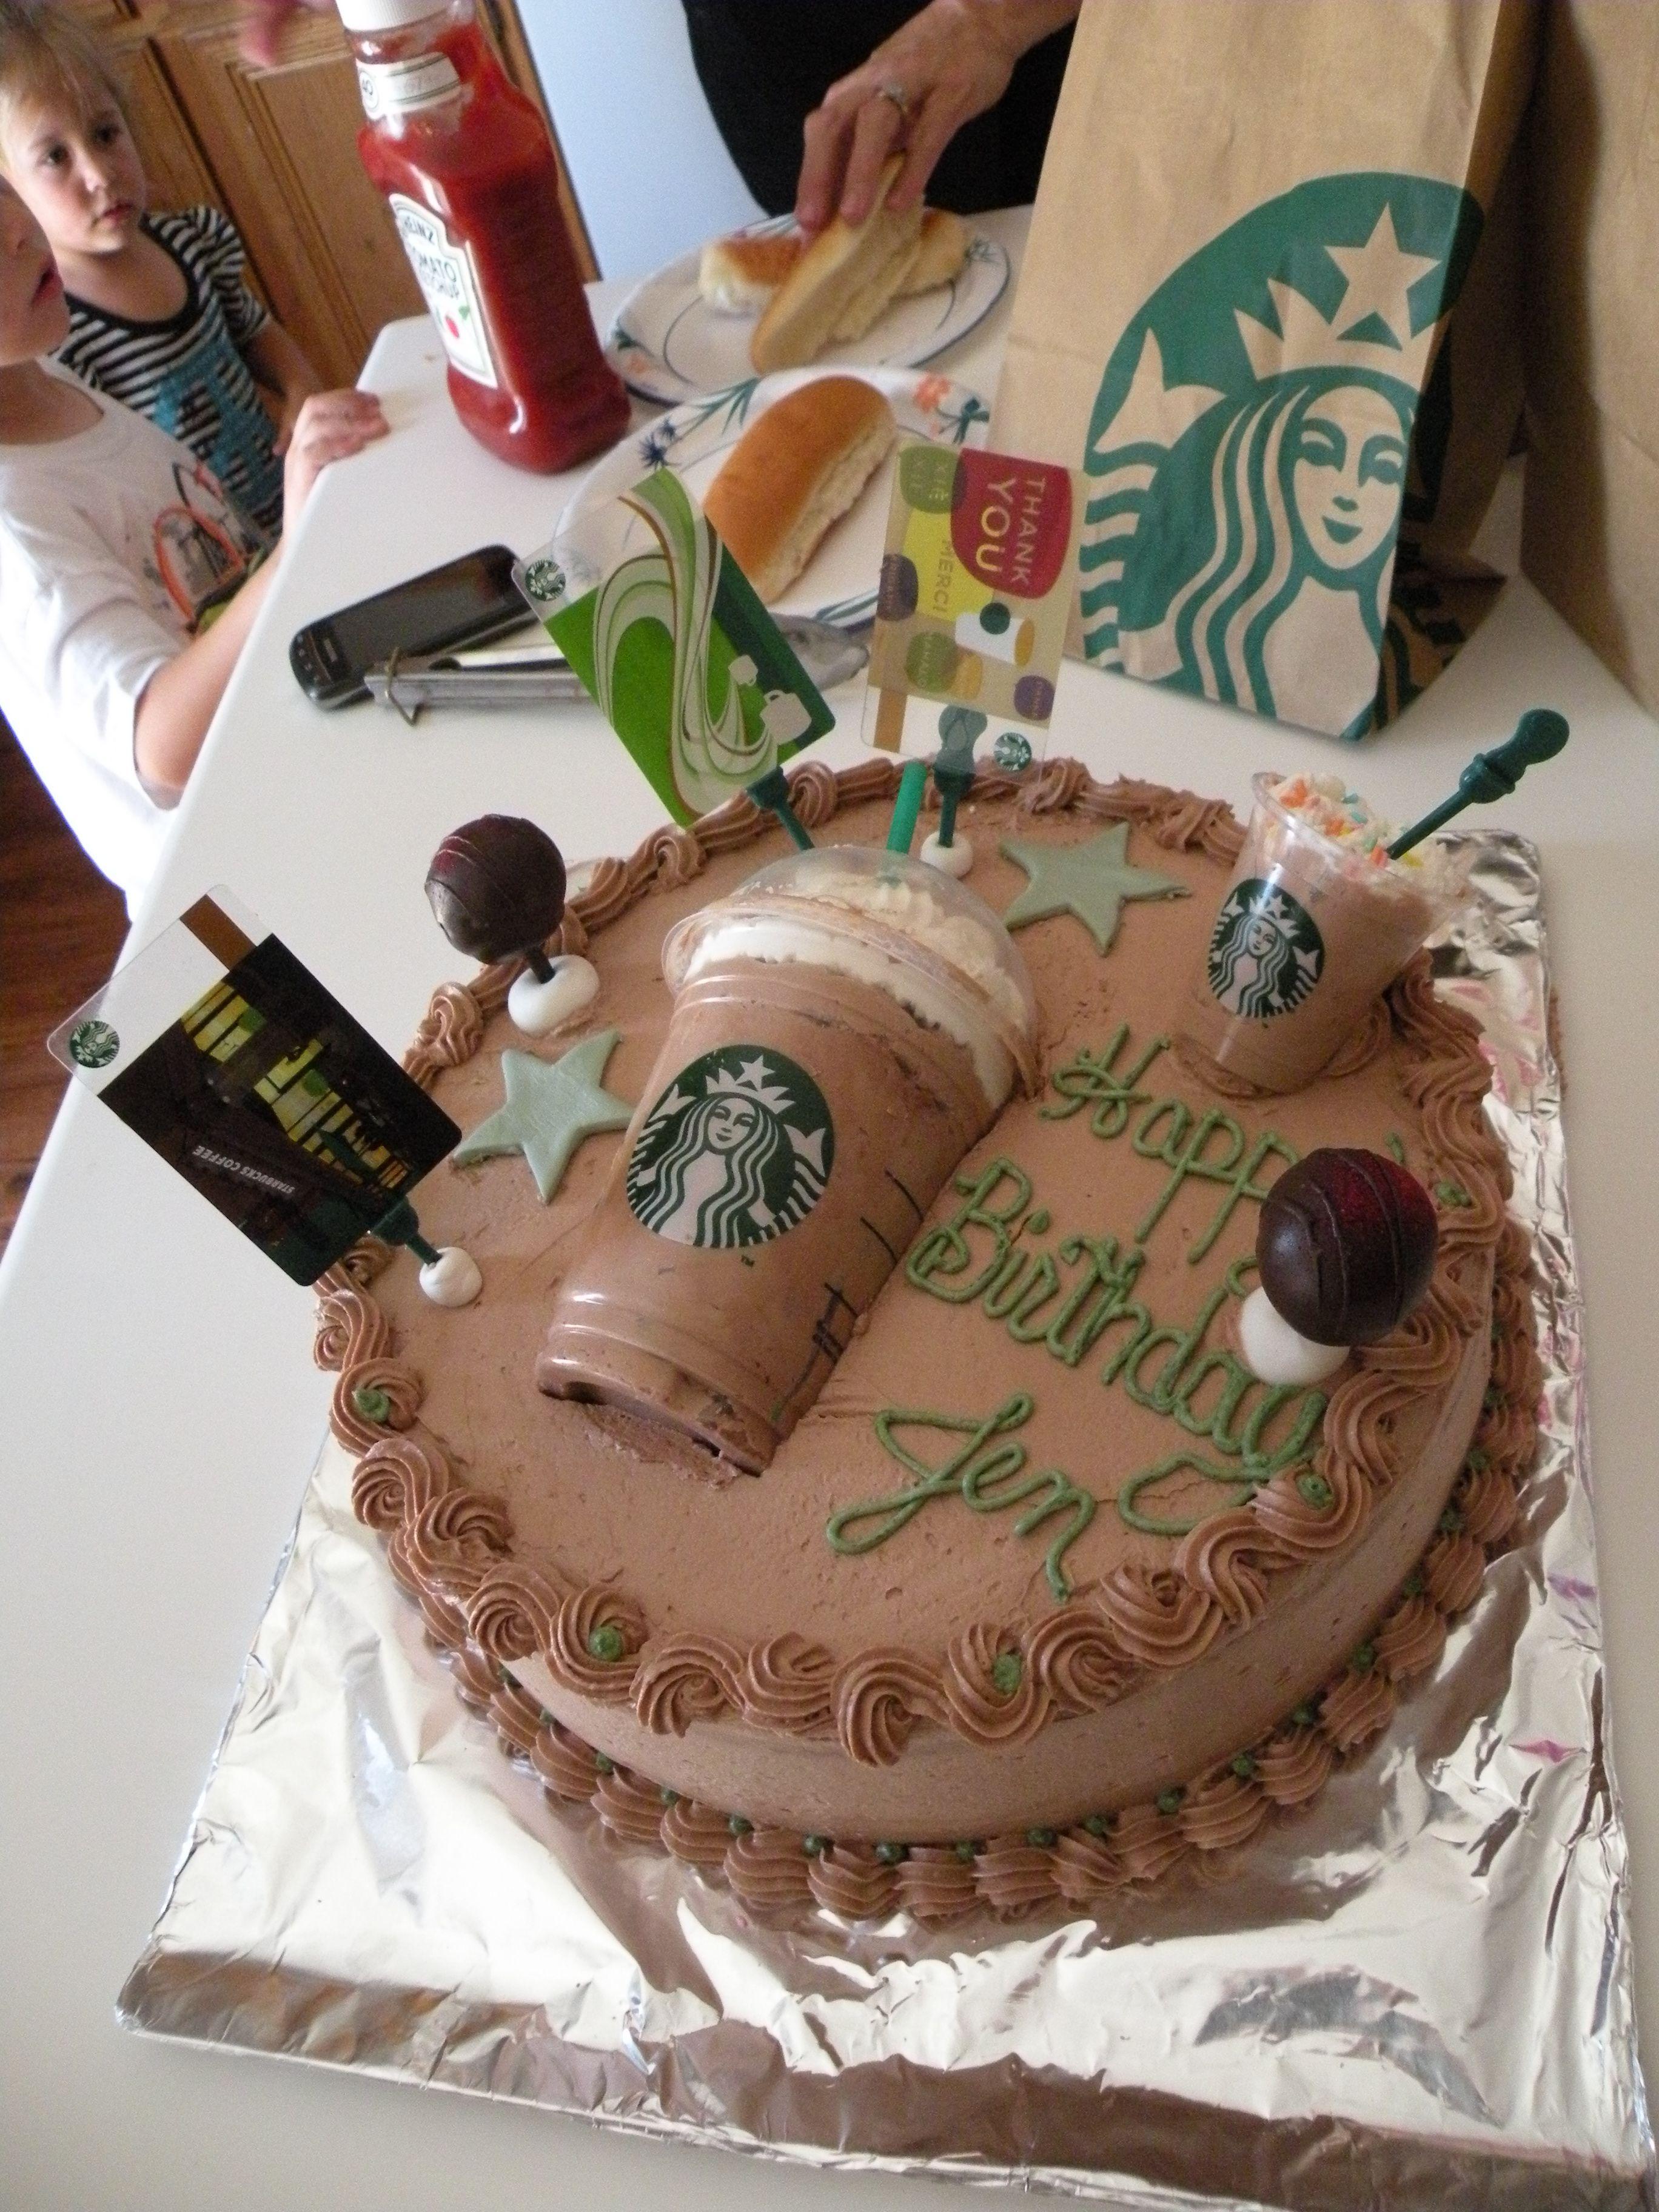 Starbucks cake made by Labella J.labella cakes